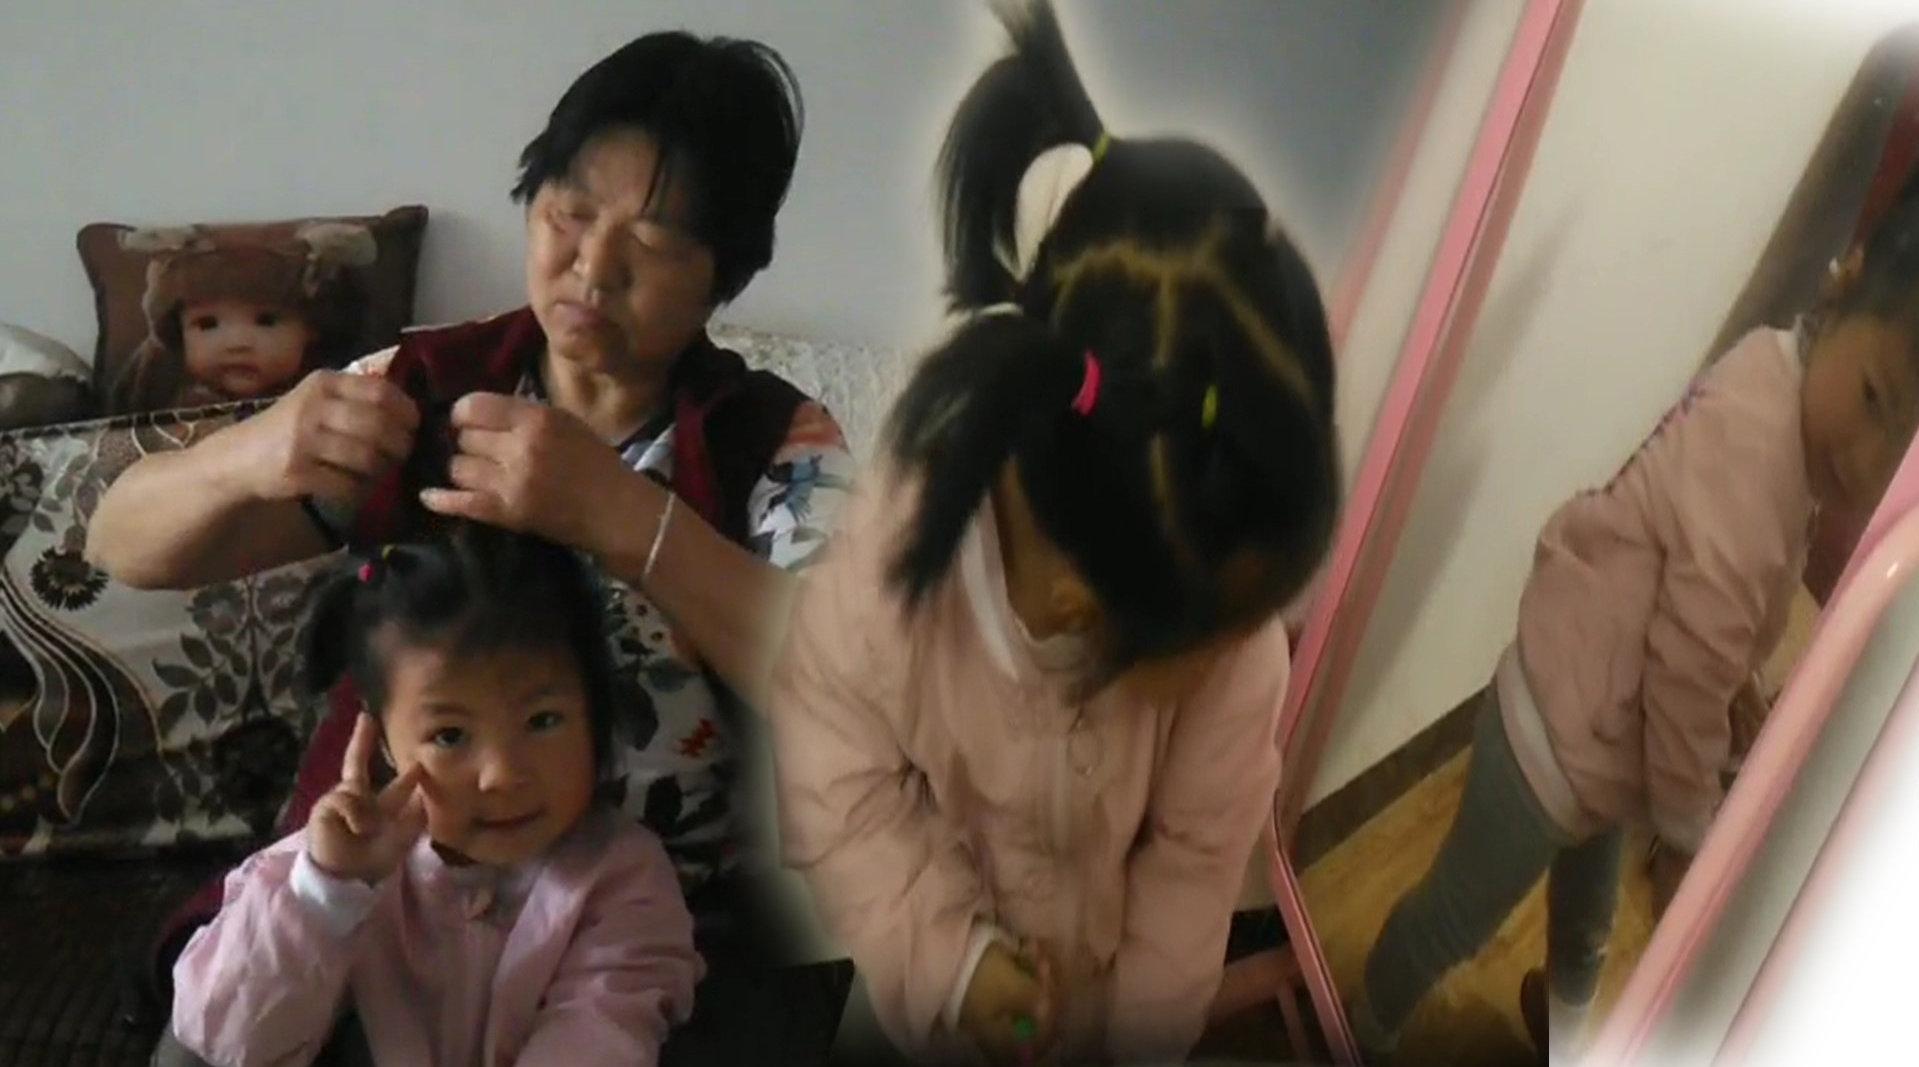 四川南充:阆中农村3岁小孩真奇怪,每天要照好几次镜子,为啥?